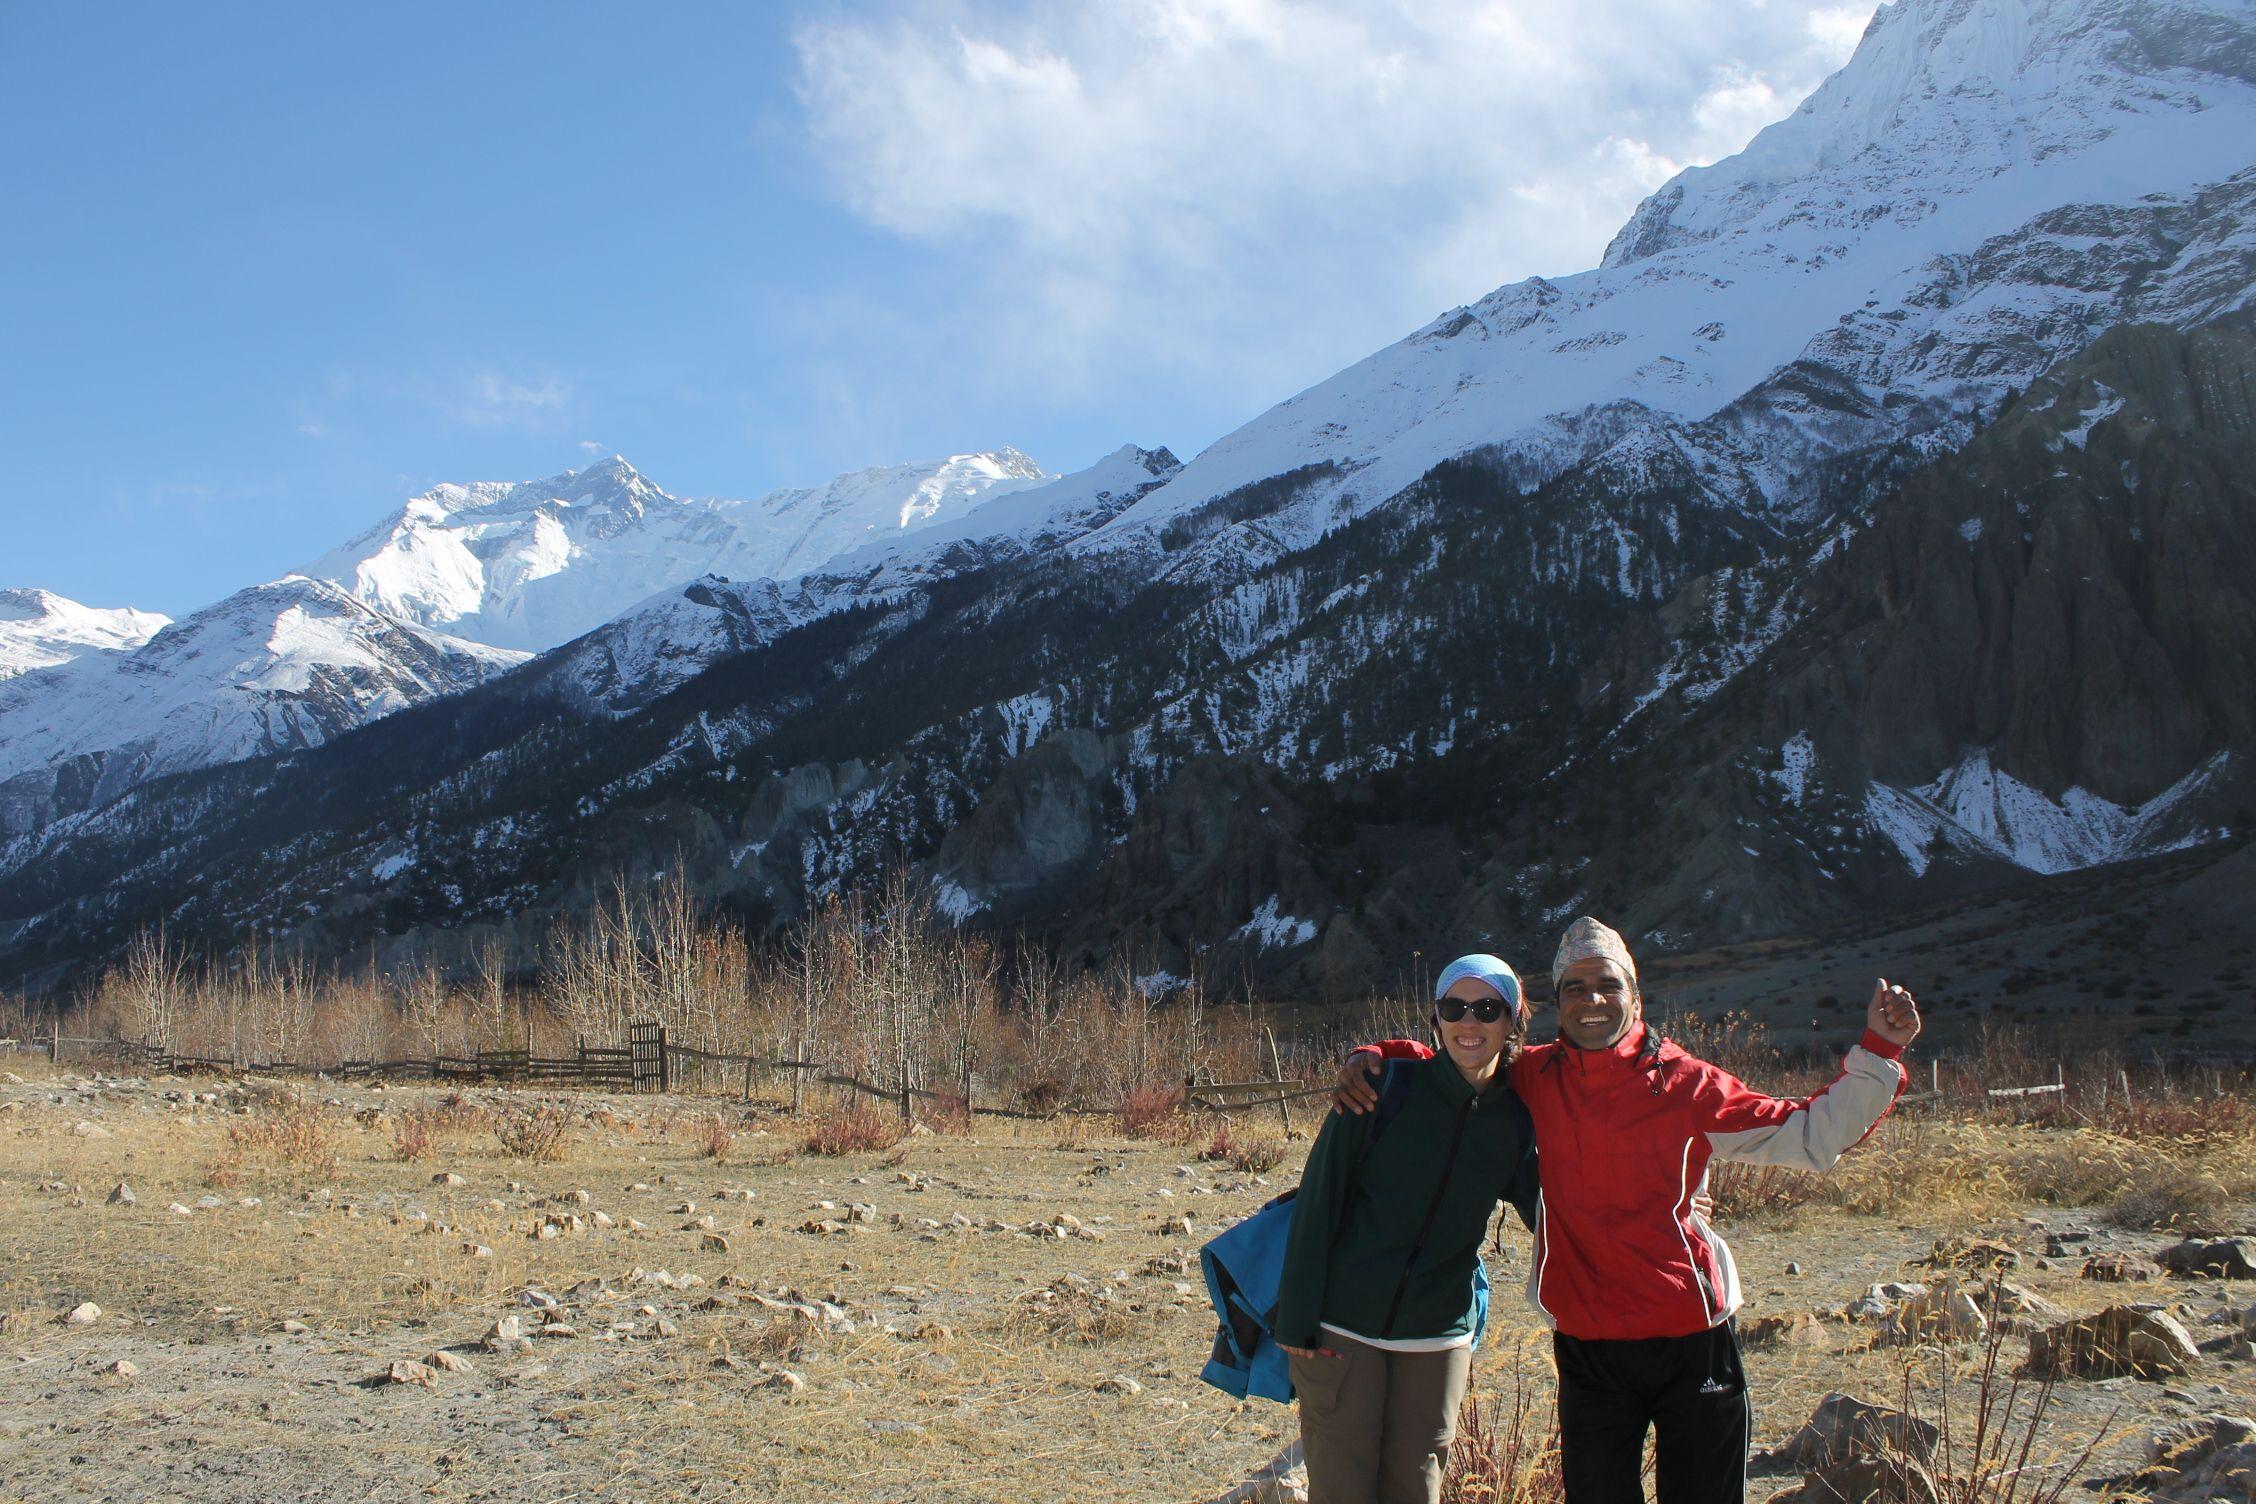 Con nuestro amigo Ramsa Sherpa que nos iba cantando canciones por el camino mientras llevaba 40 kg a la espalda